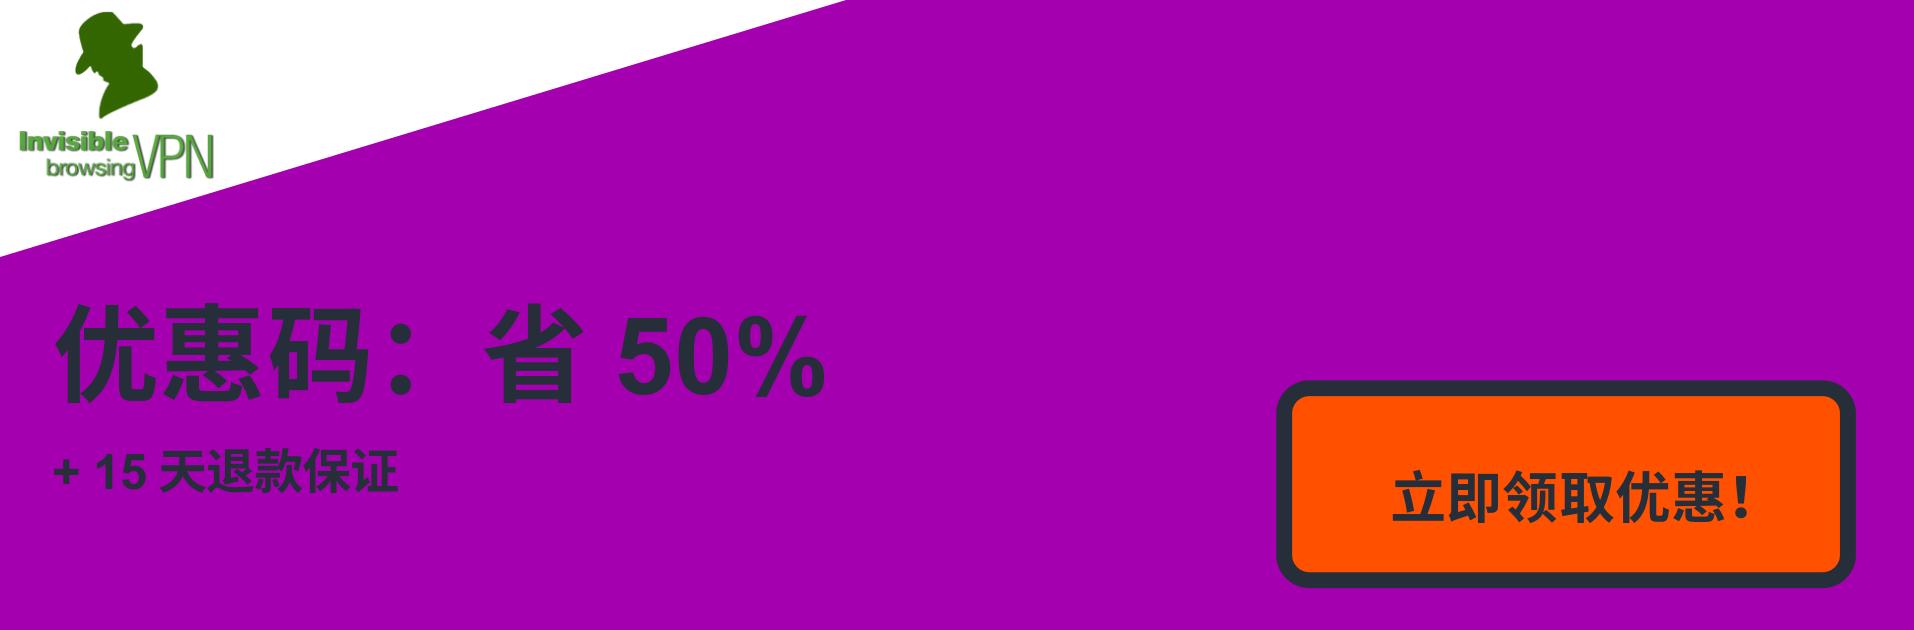 ibvpn coupon banner 50%